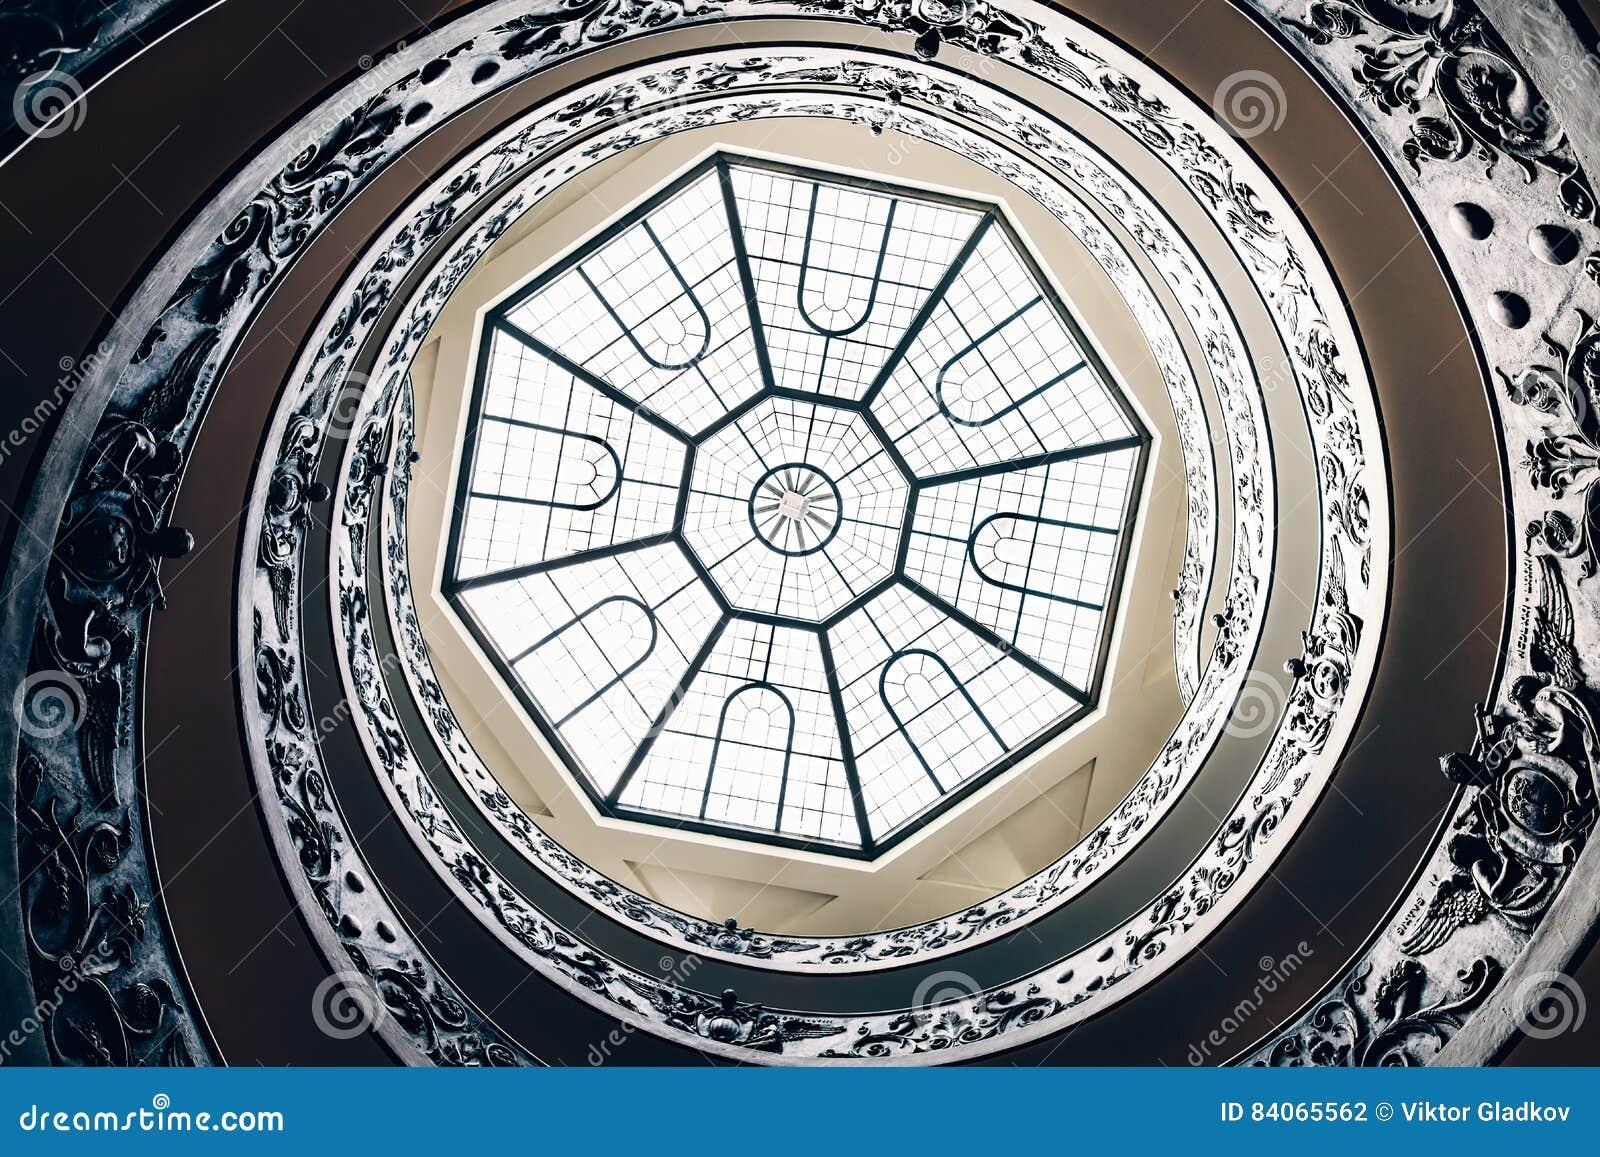 escalera espiral en el museo de vatican italia fotografa editorial